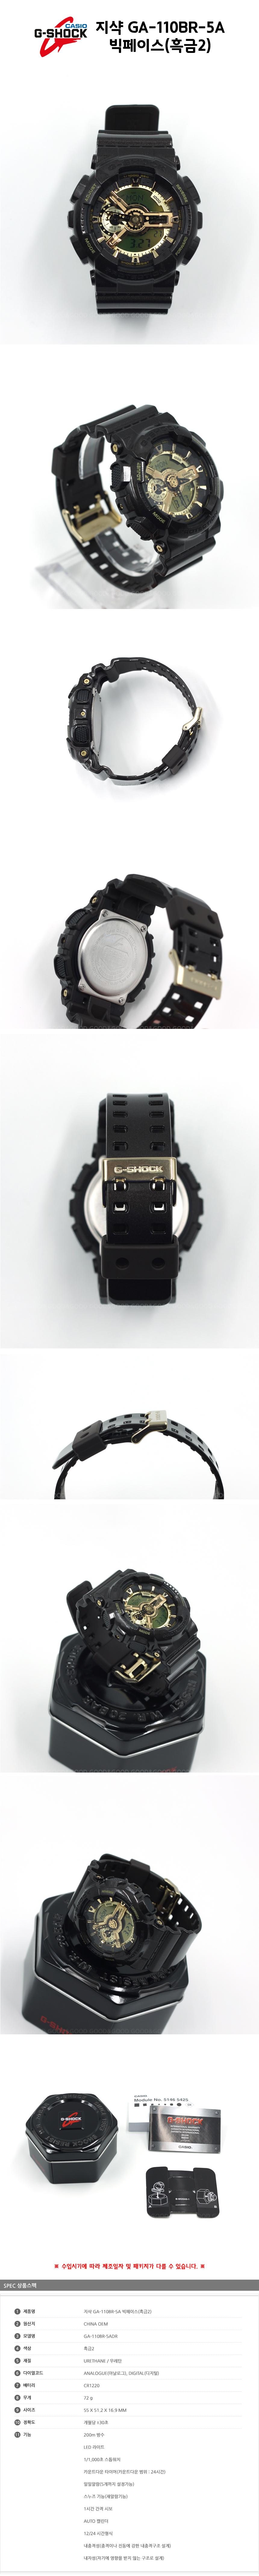 G-SHOCK 지샥 GA-110BR-5ADR 빅페이스 흑금2 우레탄 아날로그 디지털 시계